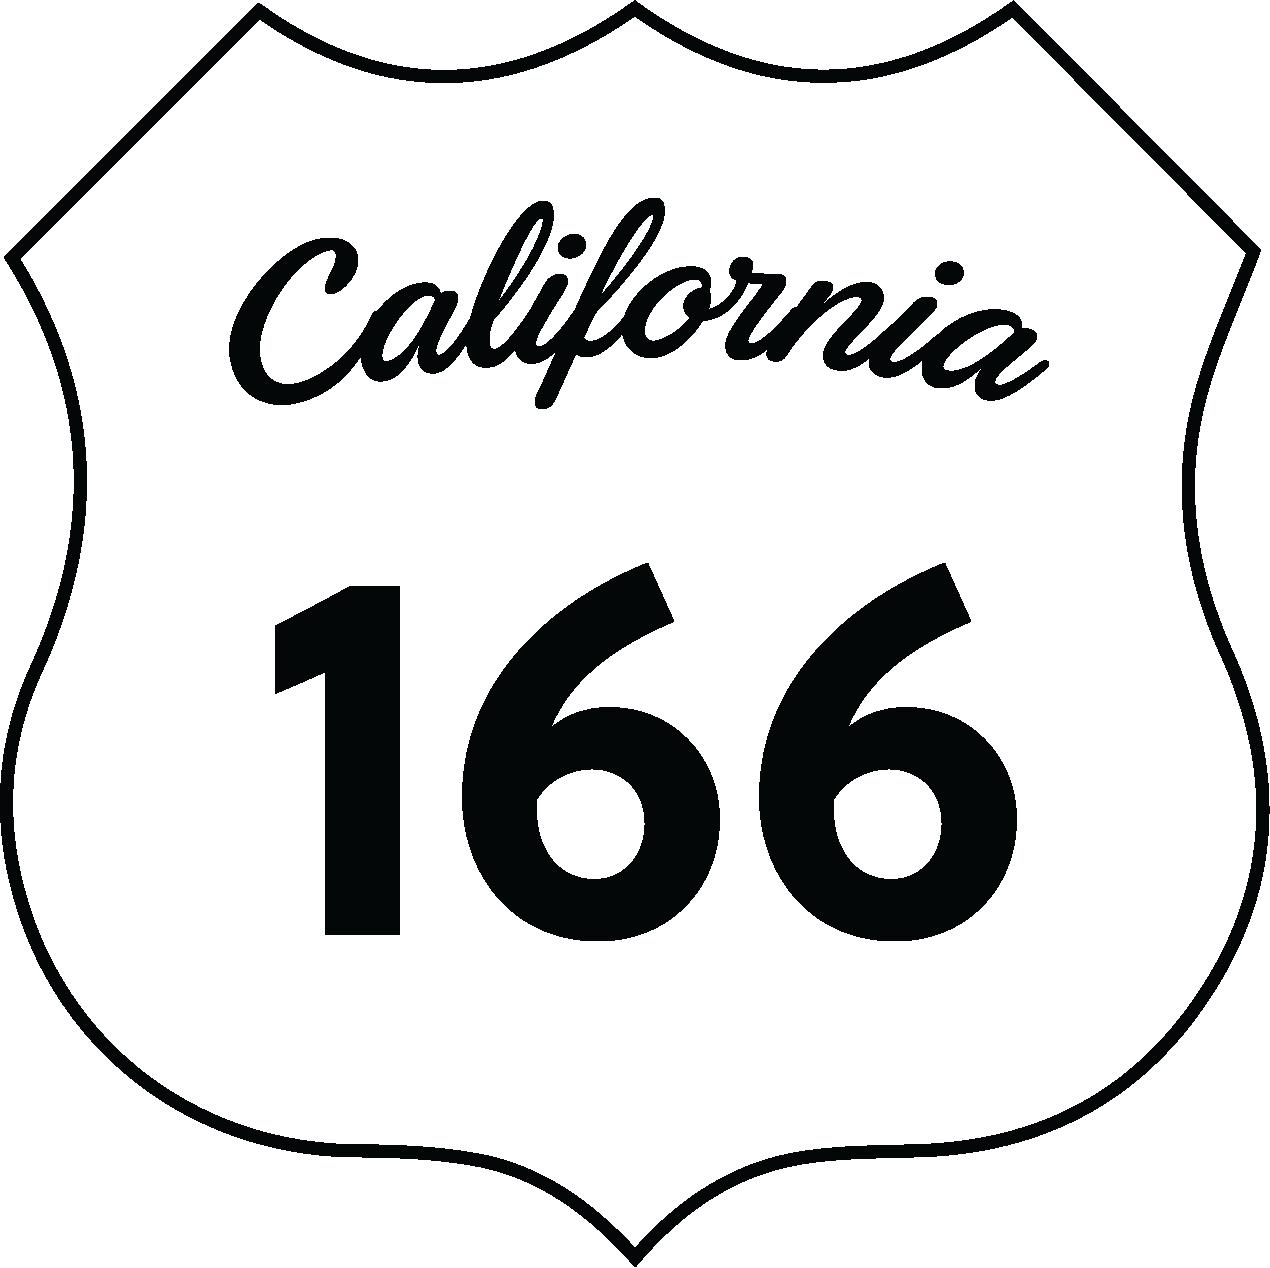 california-166.png